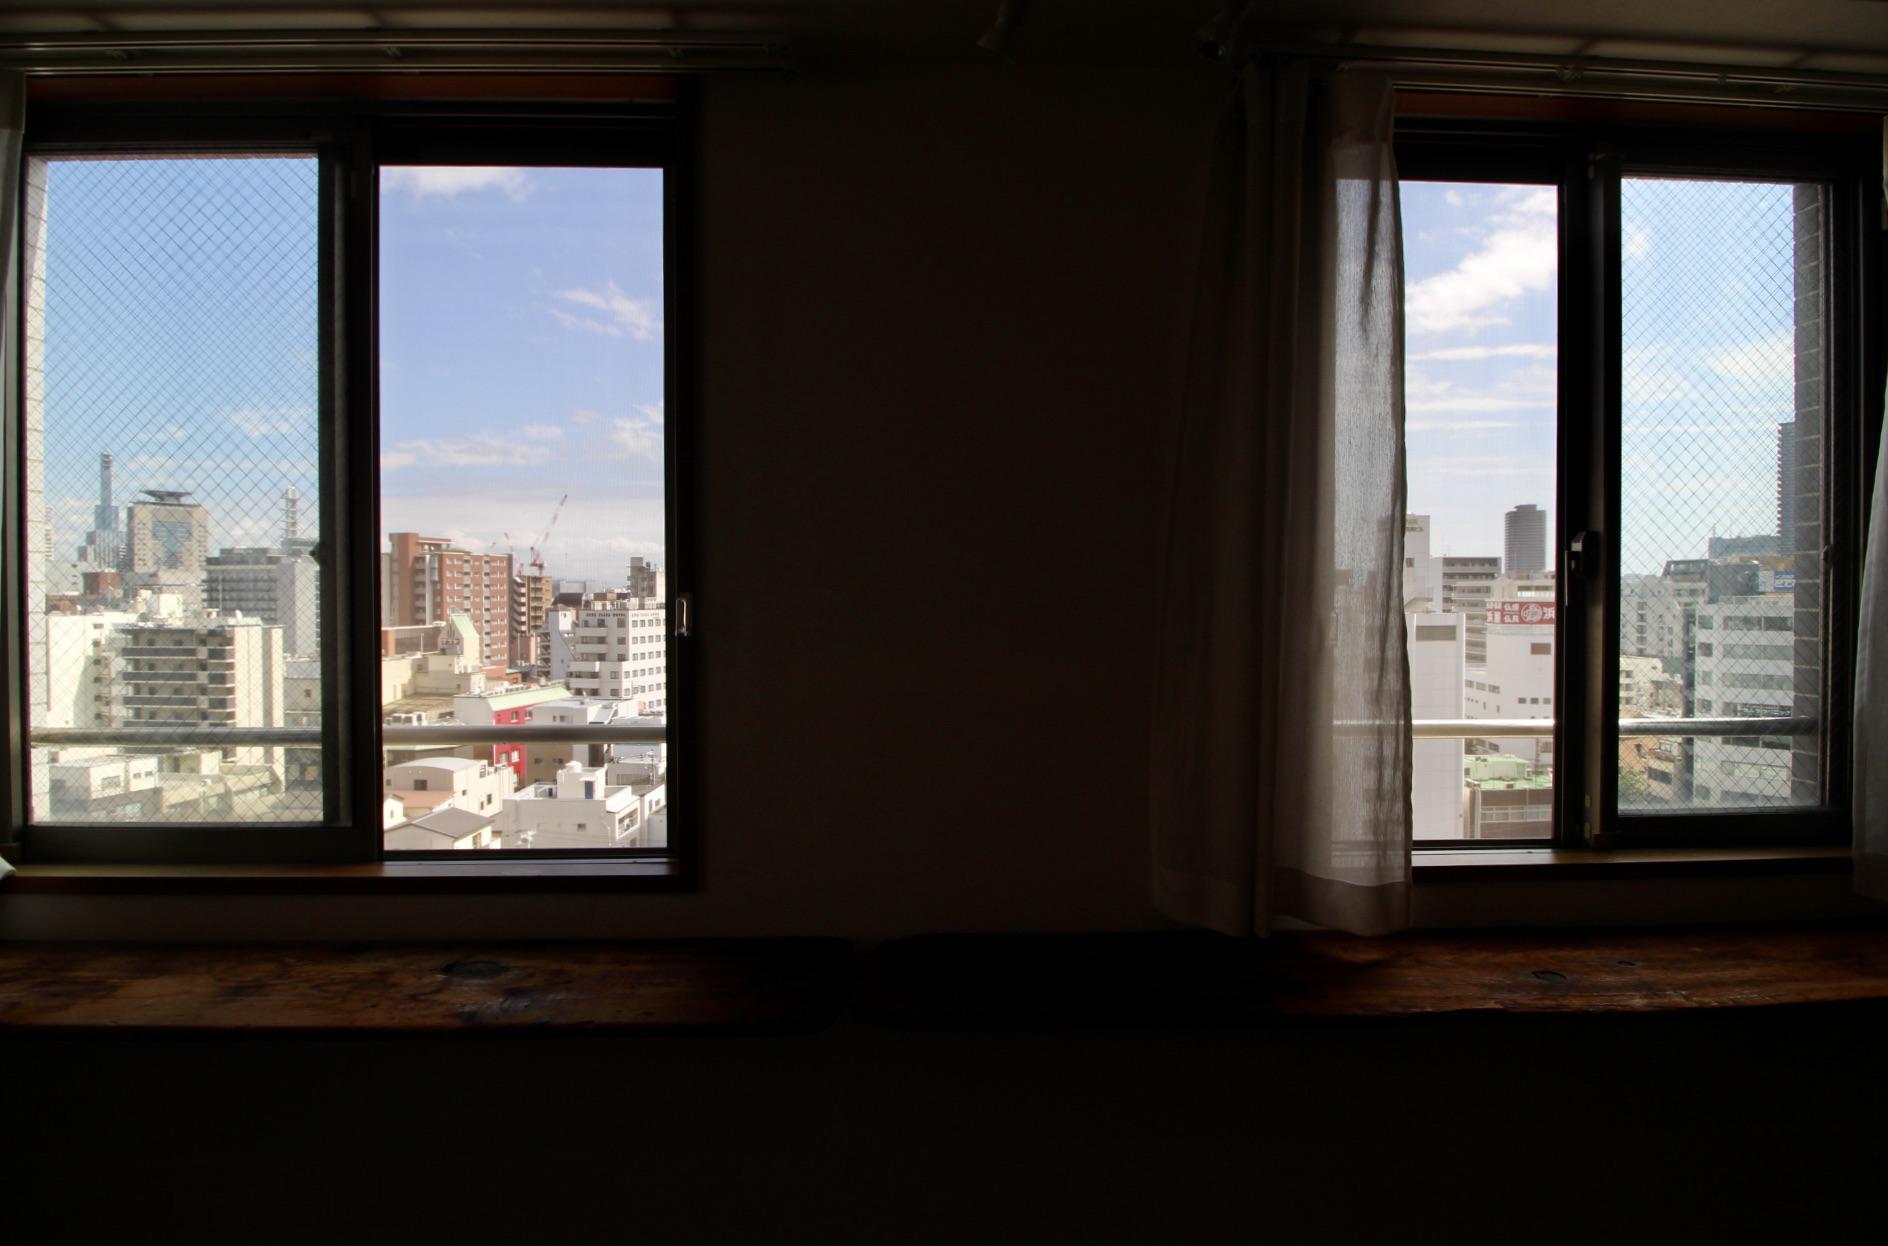 ポートタワーまで望む眺めのいい窓辺